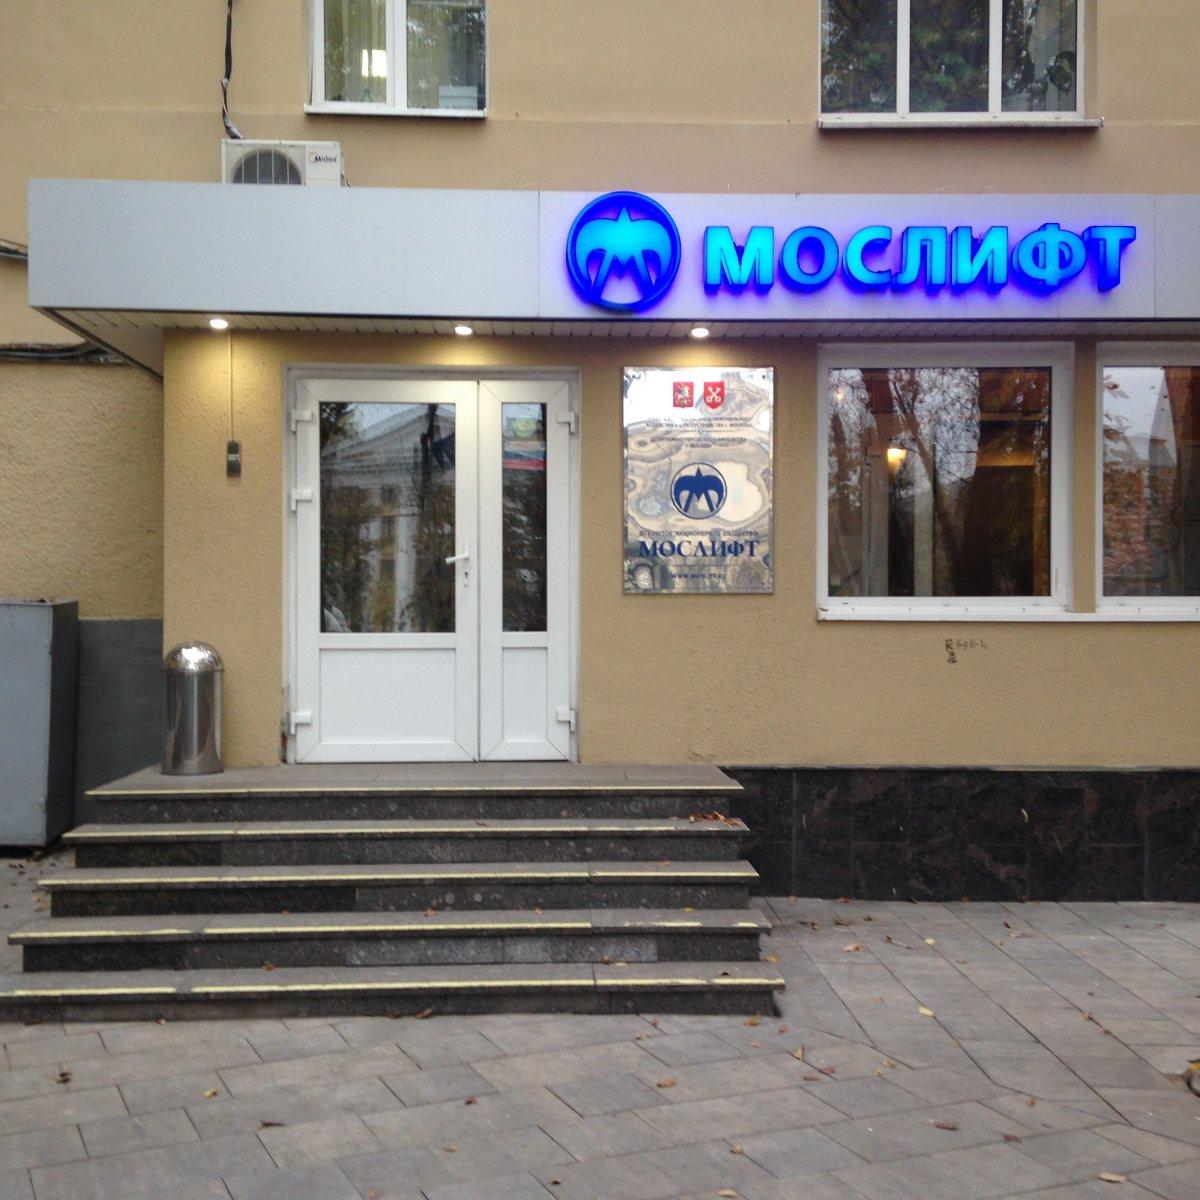 Мослифт, АО, Ленинградский проспект, 26 к1